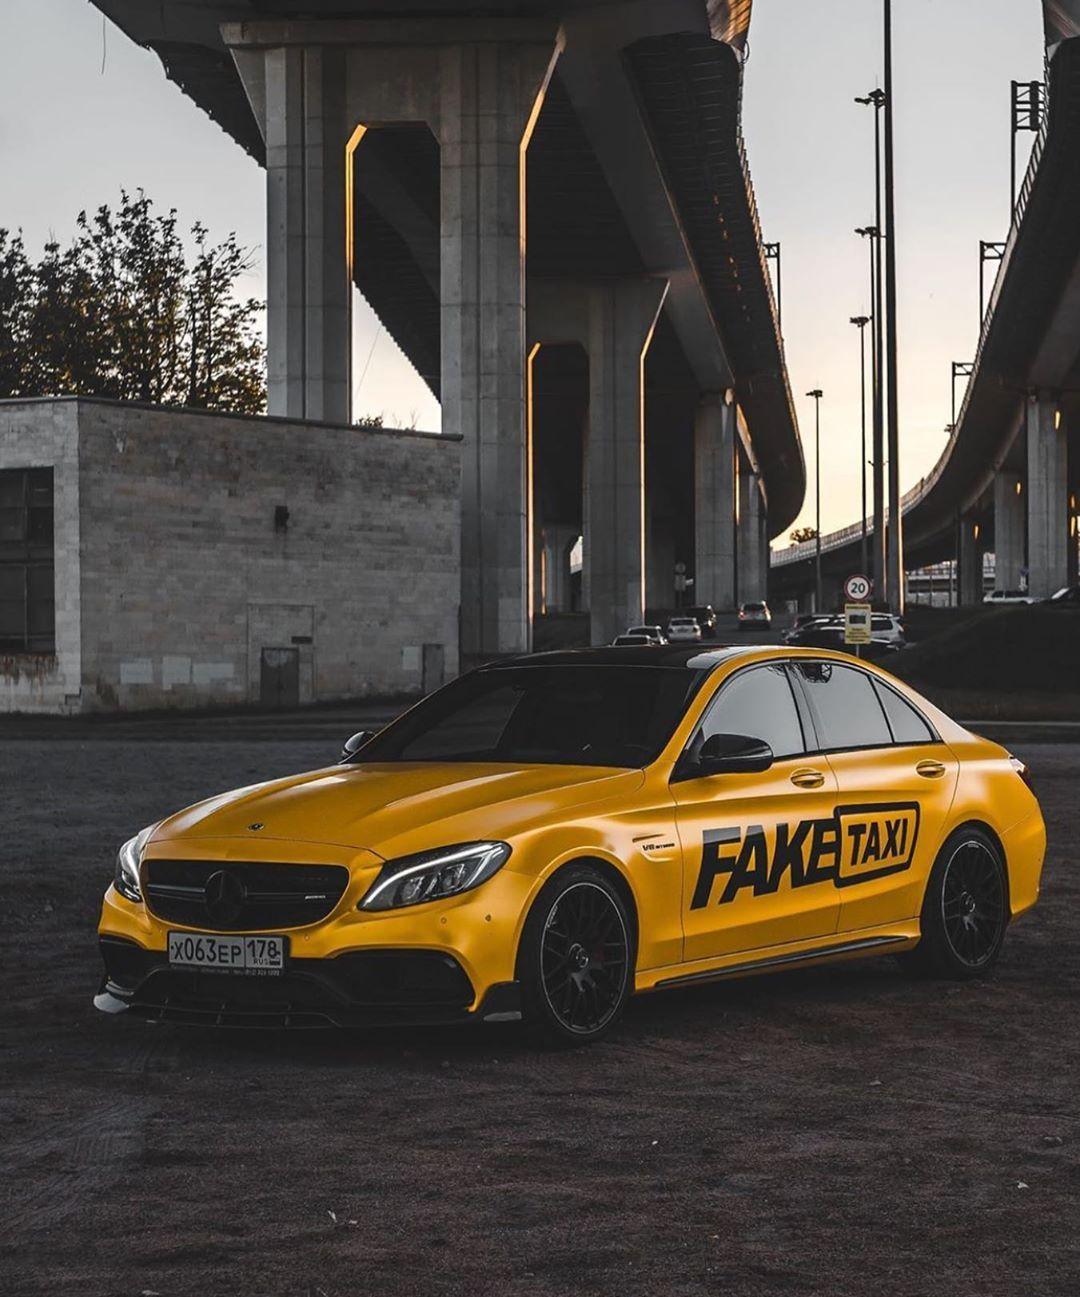 Taxi Mercedes Benz Mercedes W211 Dream Cars